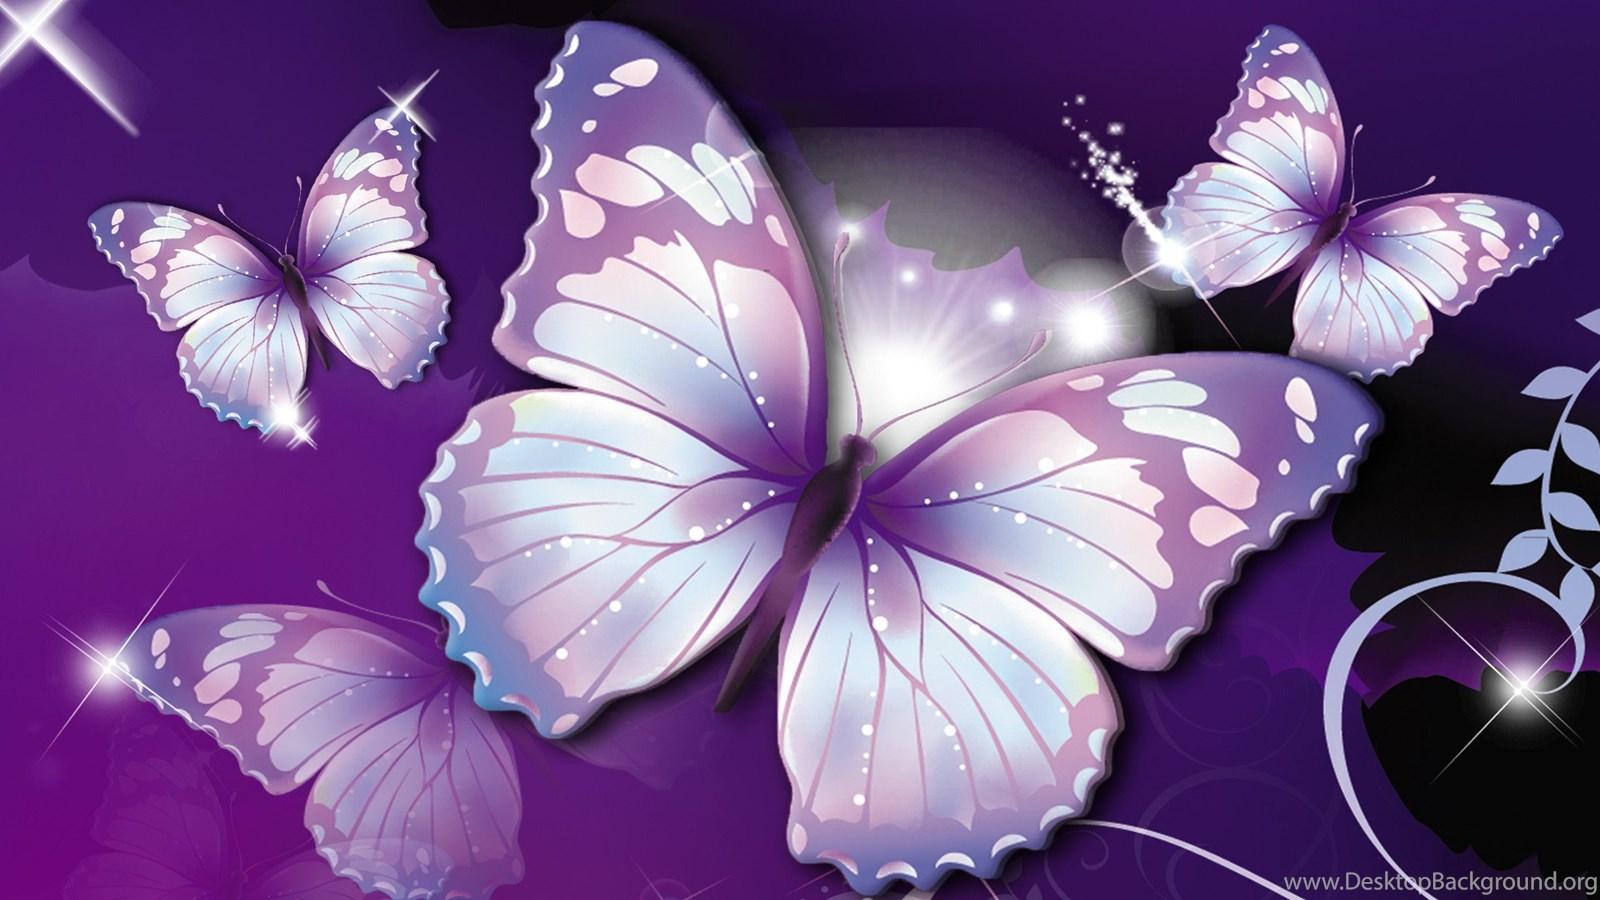 Beautiful Butterfly Desktop Wallpapers Free Hd Wallpapers Desktop